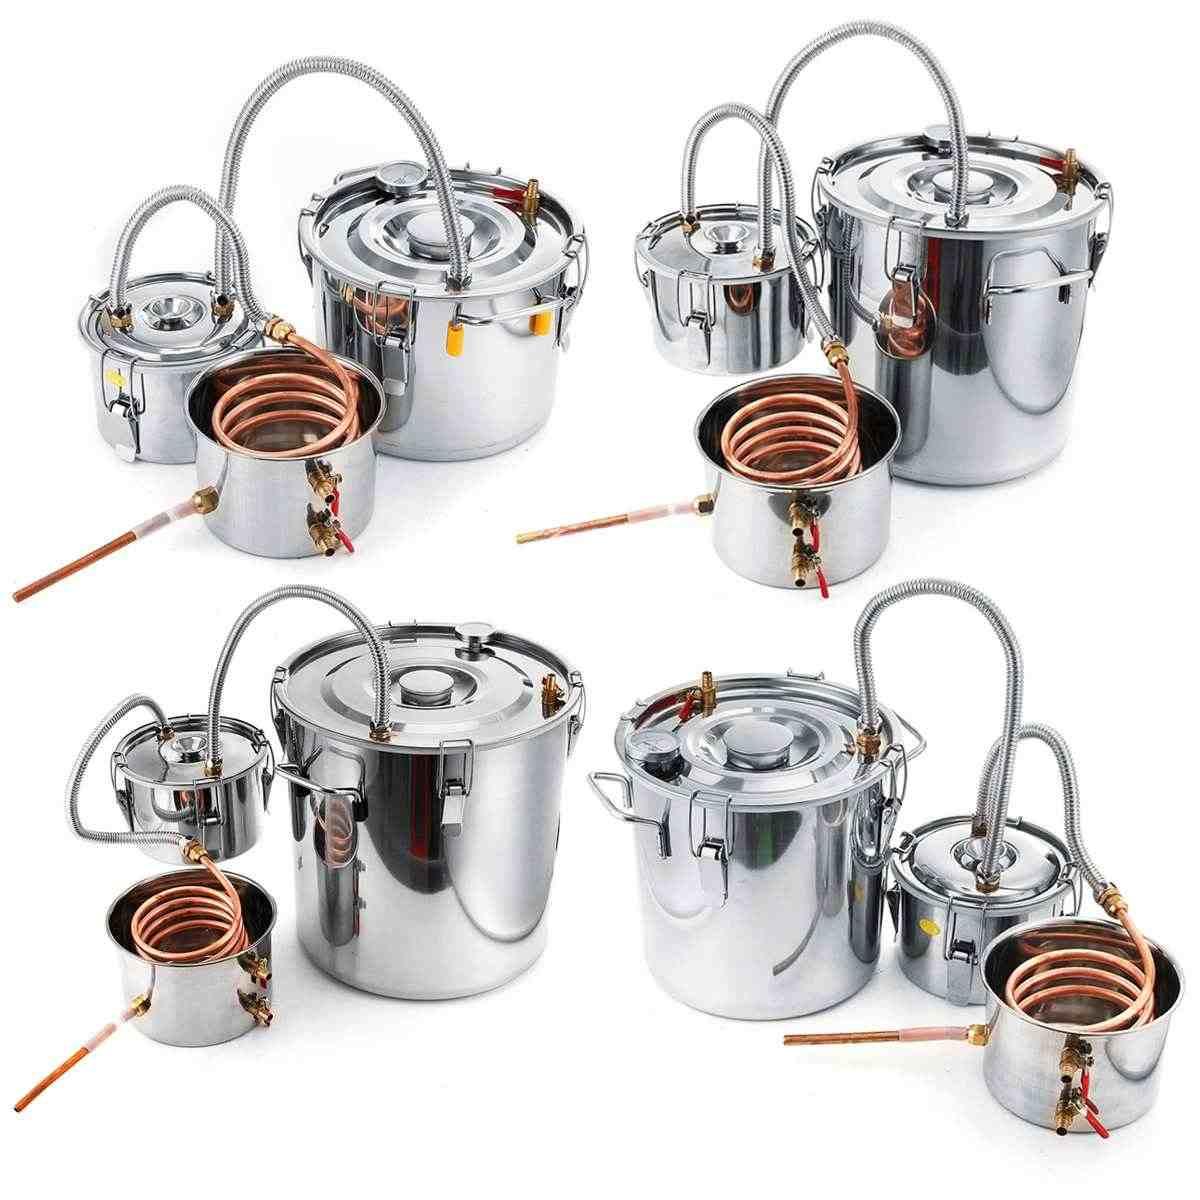 2/3/5/8 ガロン DIY 自家製蒸留器の密造酒アルコールそれでも銅水ワインエッセンシャルオイル醸造キットと Cooli